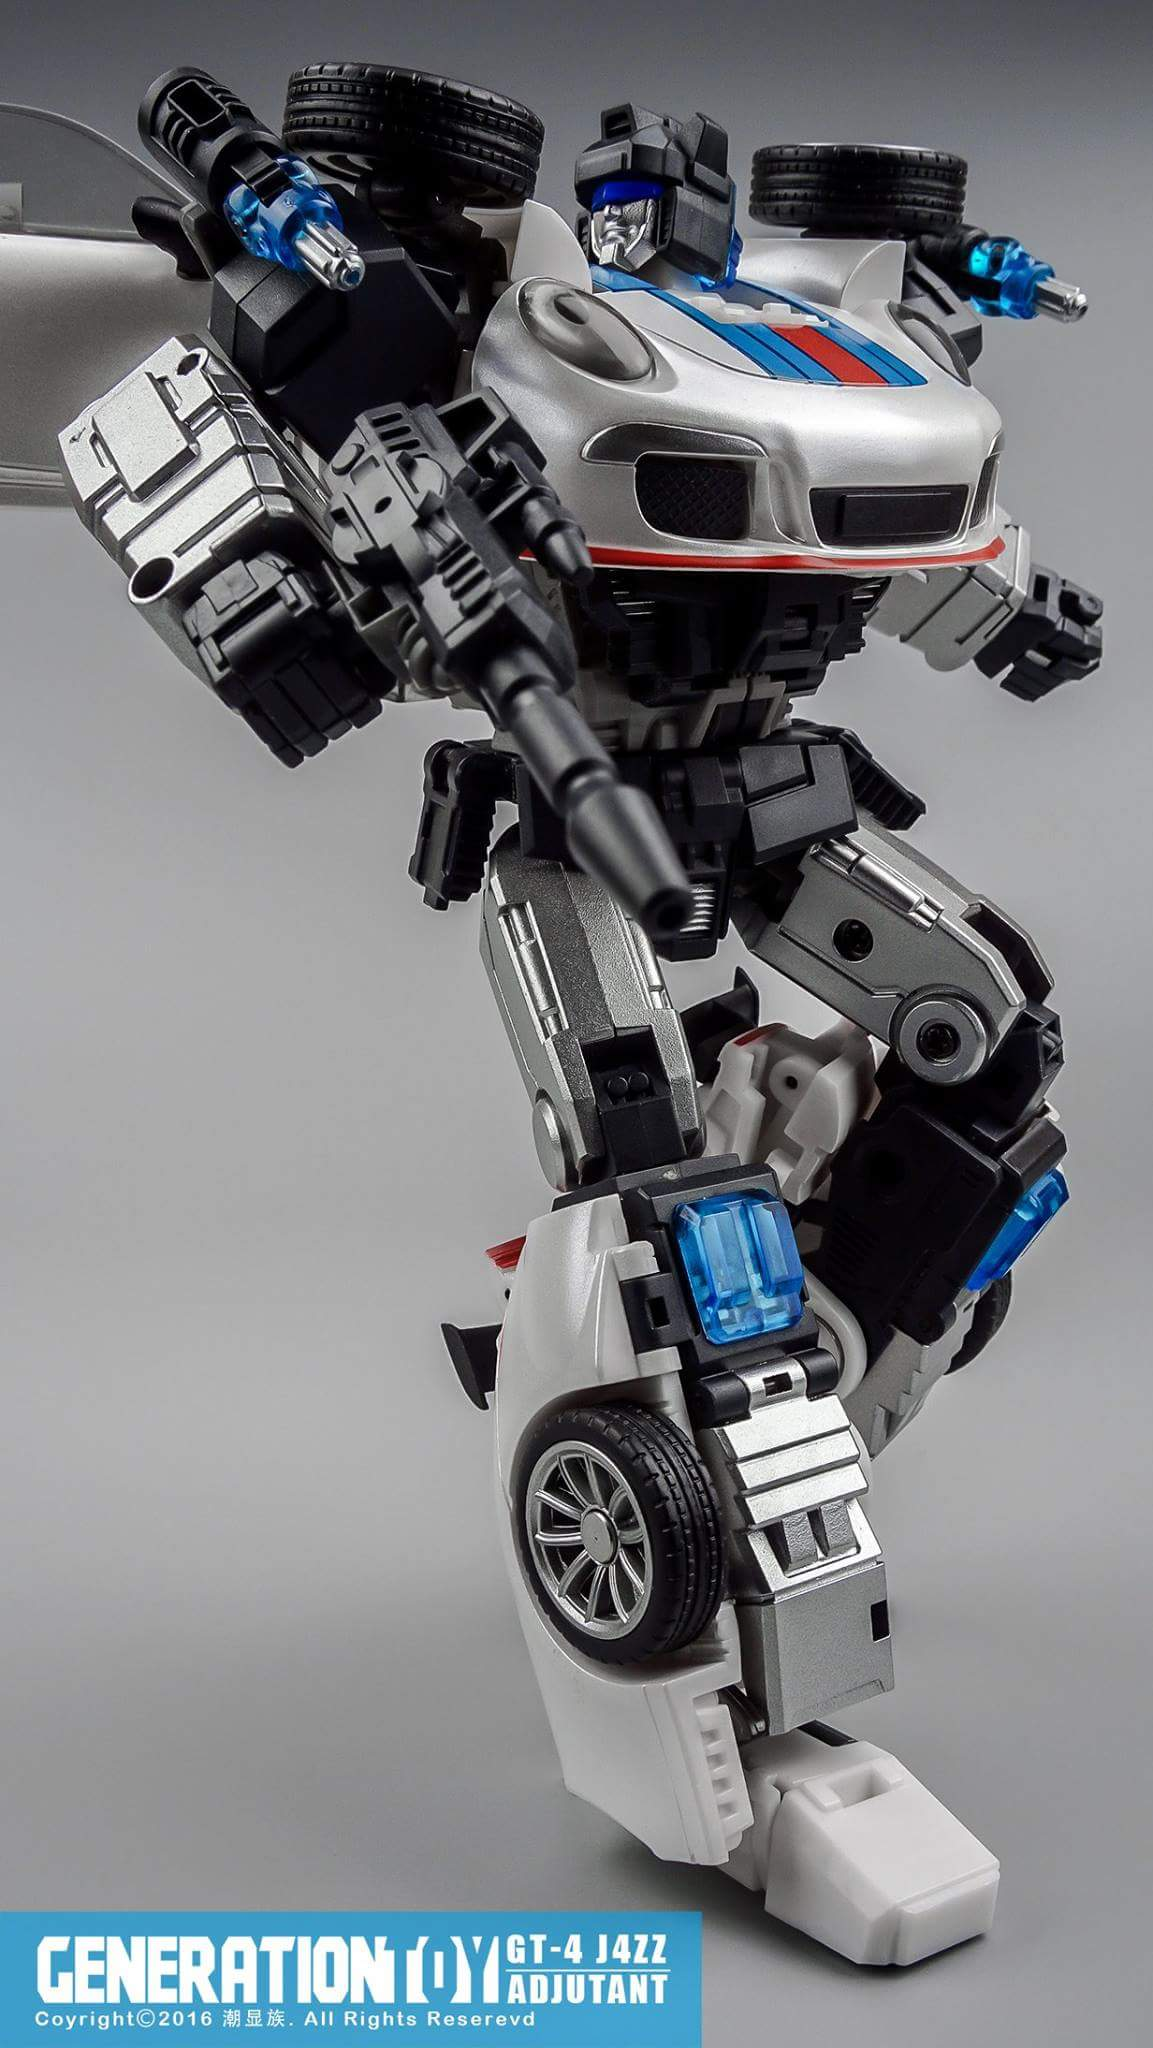 [Generation Toy] Produit Tiers - Jouets TF de la Gamme GT - des BD TF d'IDW 6aJYpFzX